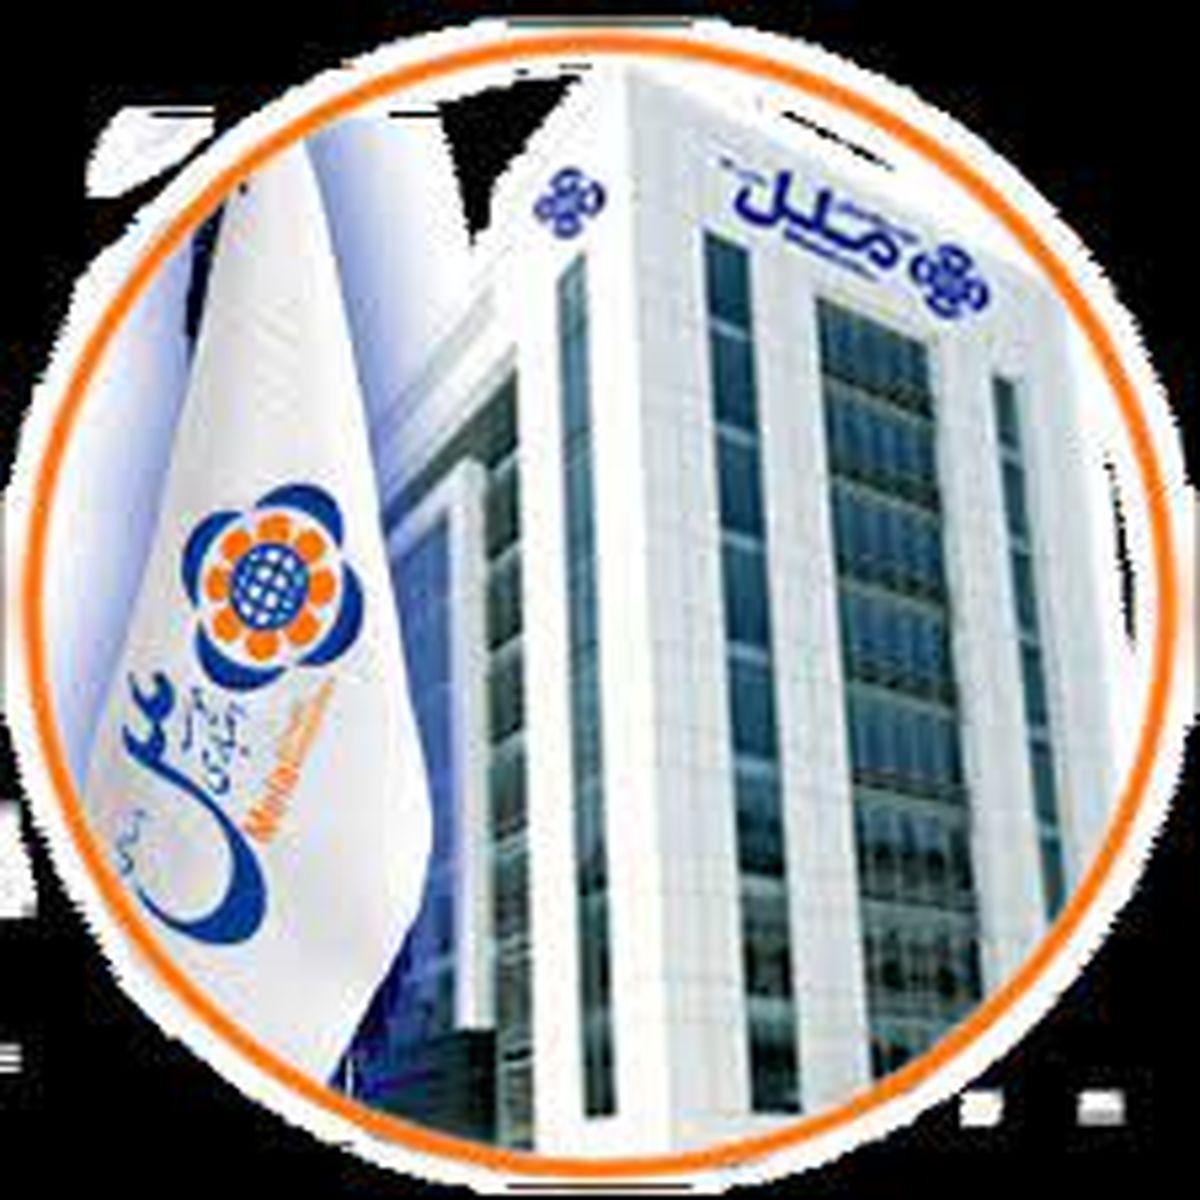 آغاز فروش اوراق گواهی سپرده مدت دار ویژه موسسه اعتباری ملل با نرخ ۱۸ درصد